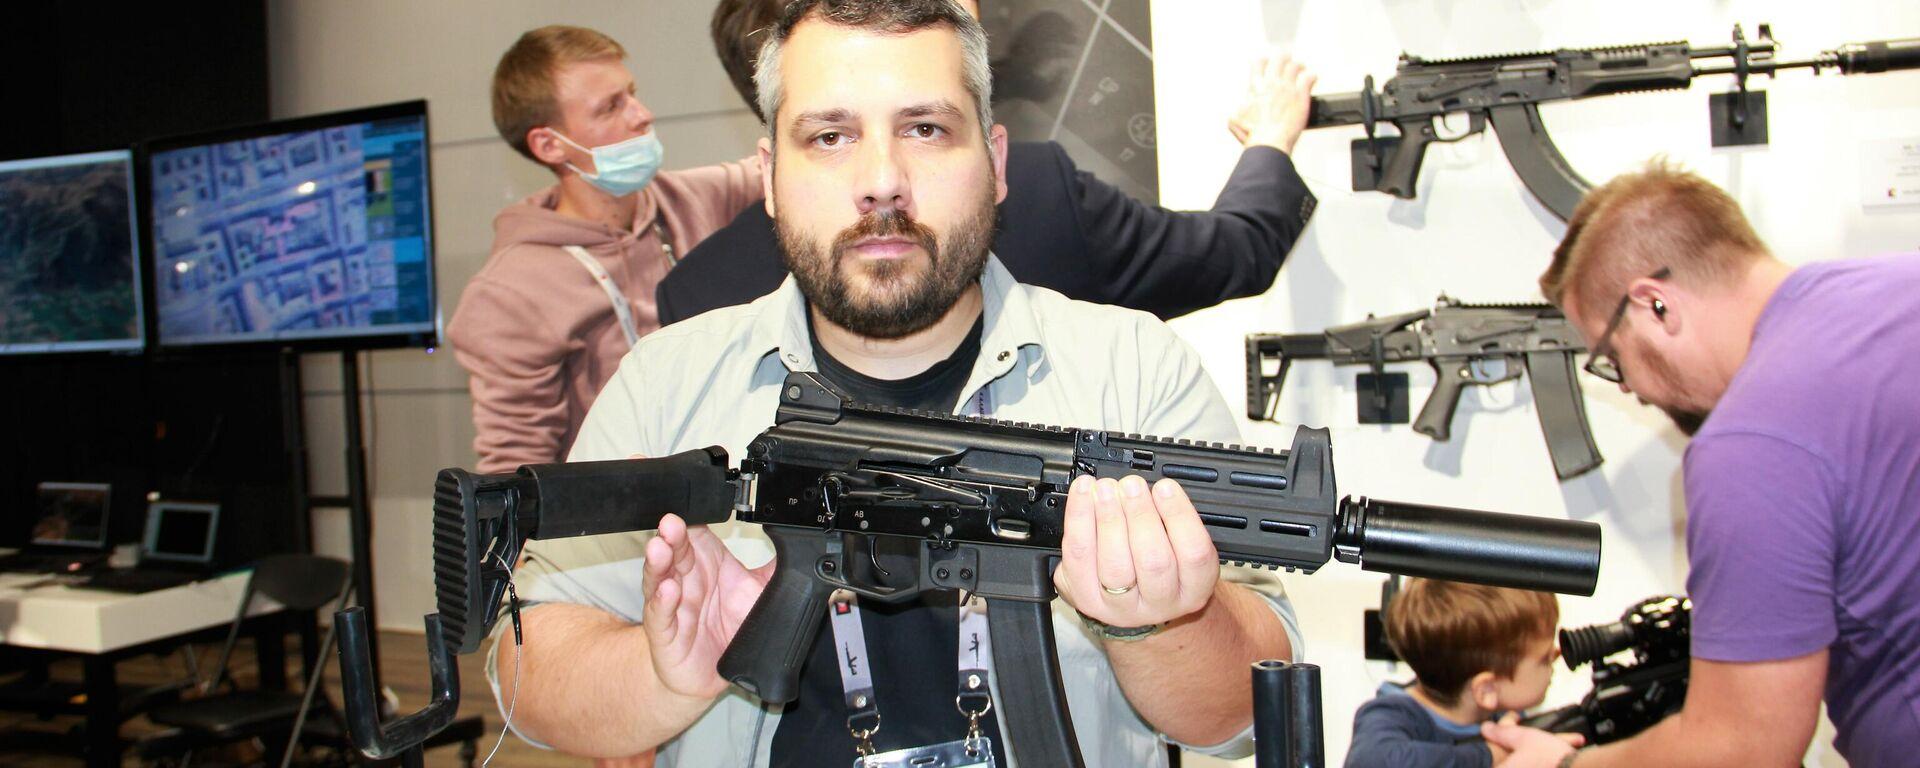 Wladimir Onokoj, der Sprecher des Konzerns, zeigt die Maschinenpistole PPK-20 mit einem umklappbaren Teleskopkolben - SNA, 1920, 01.09.2021